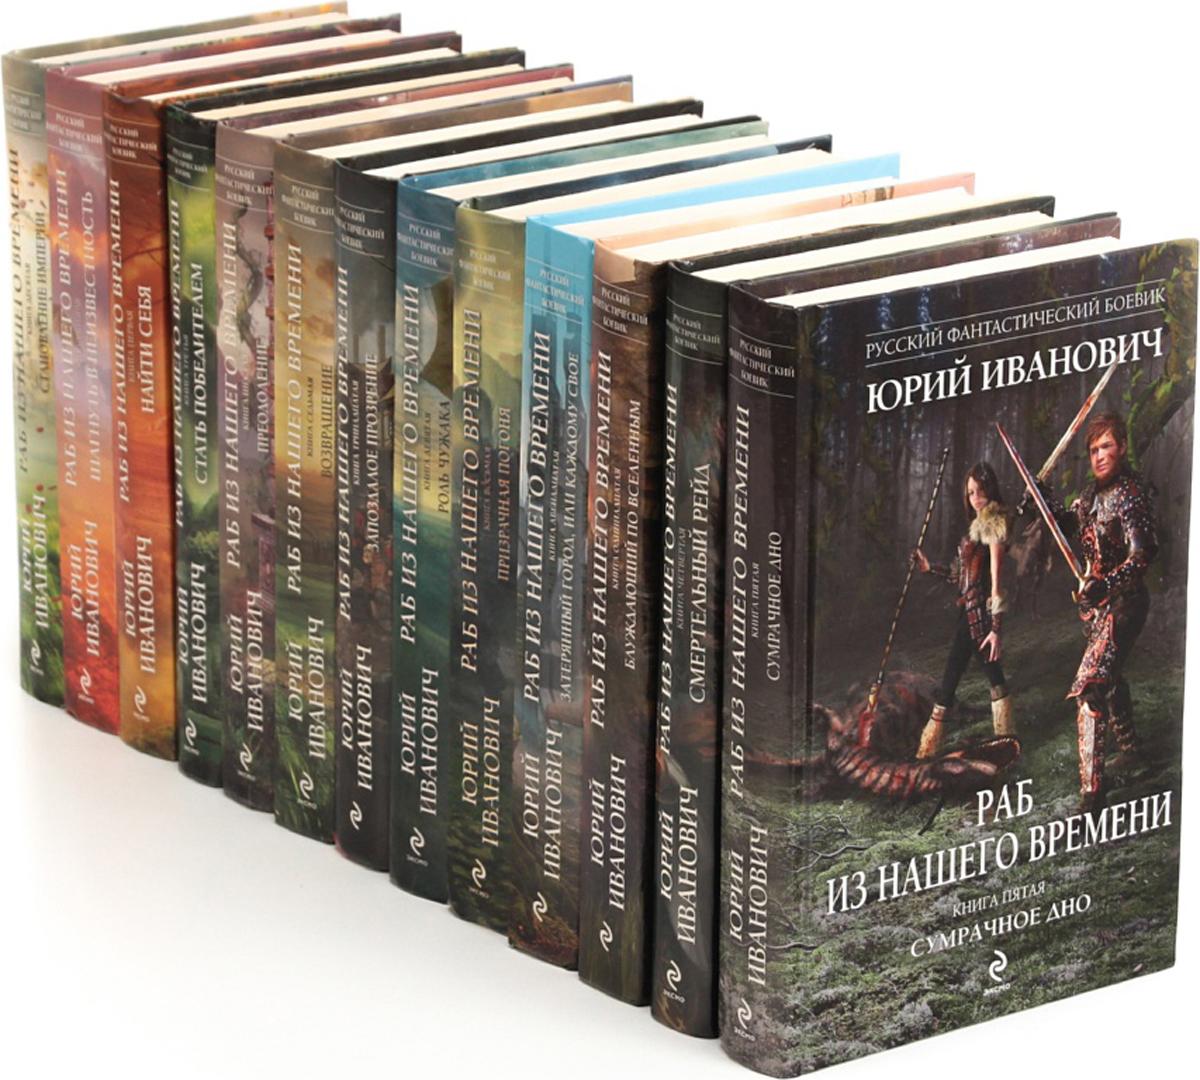 Юрий Иванович Раб из нашего времени (комплект из 13 книг)